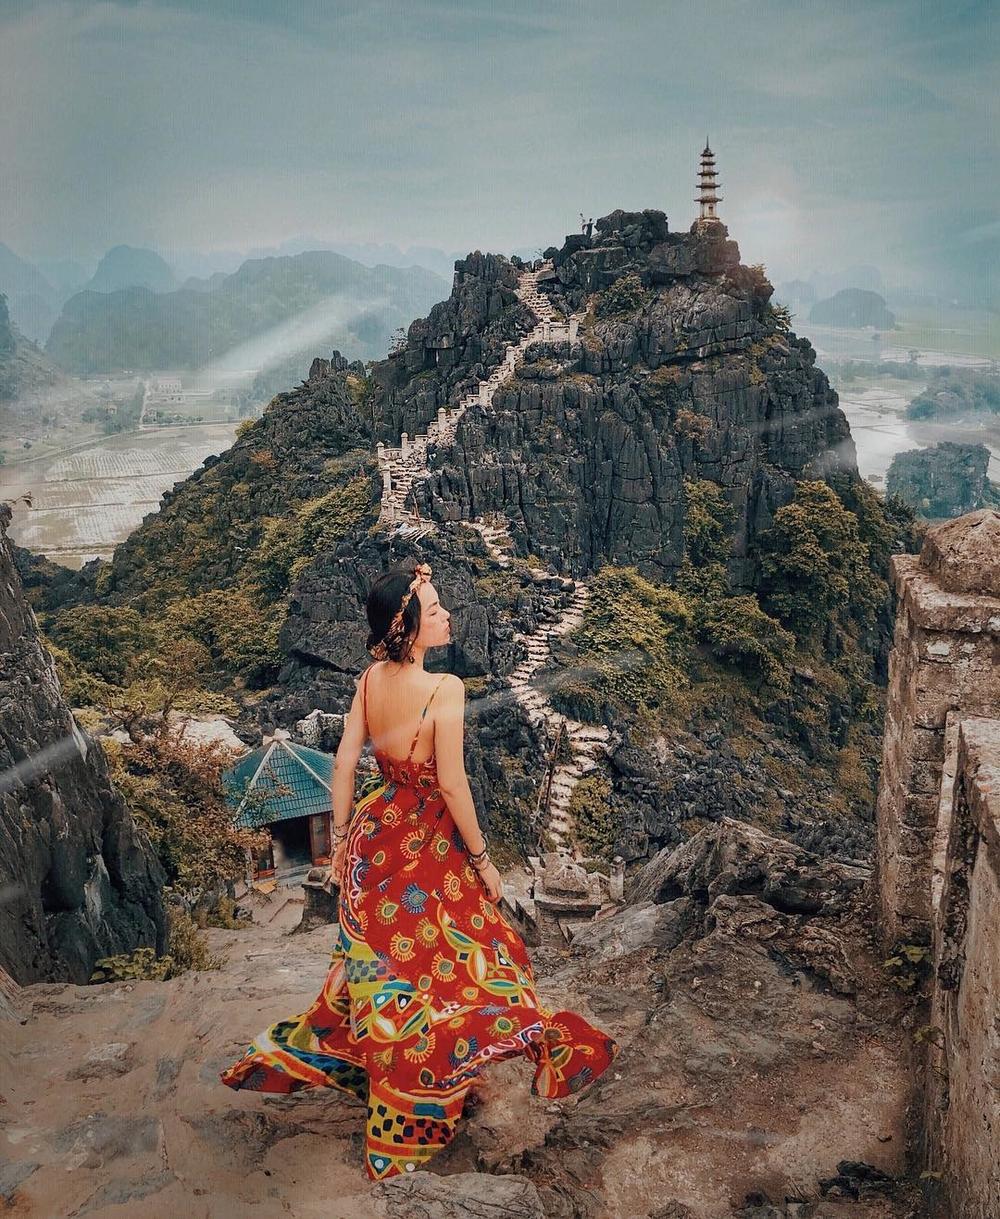 """Mê đắm vẻ đẹp """" Vạn Lý Trường Thành"""" ở Ninh Bình"""